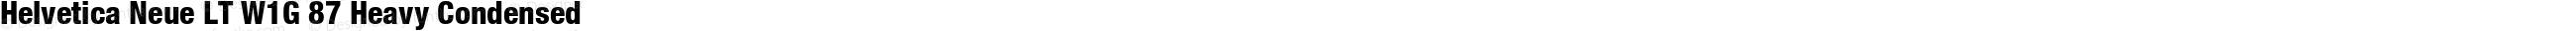 HelveticaNeueLT W1G 67 MdCn Bold